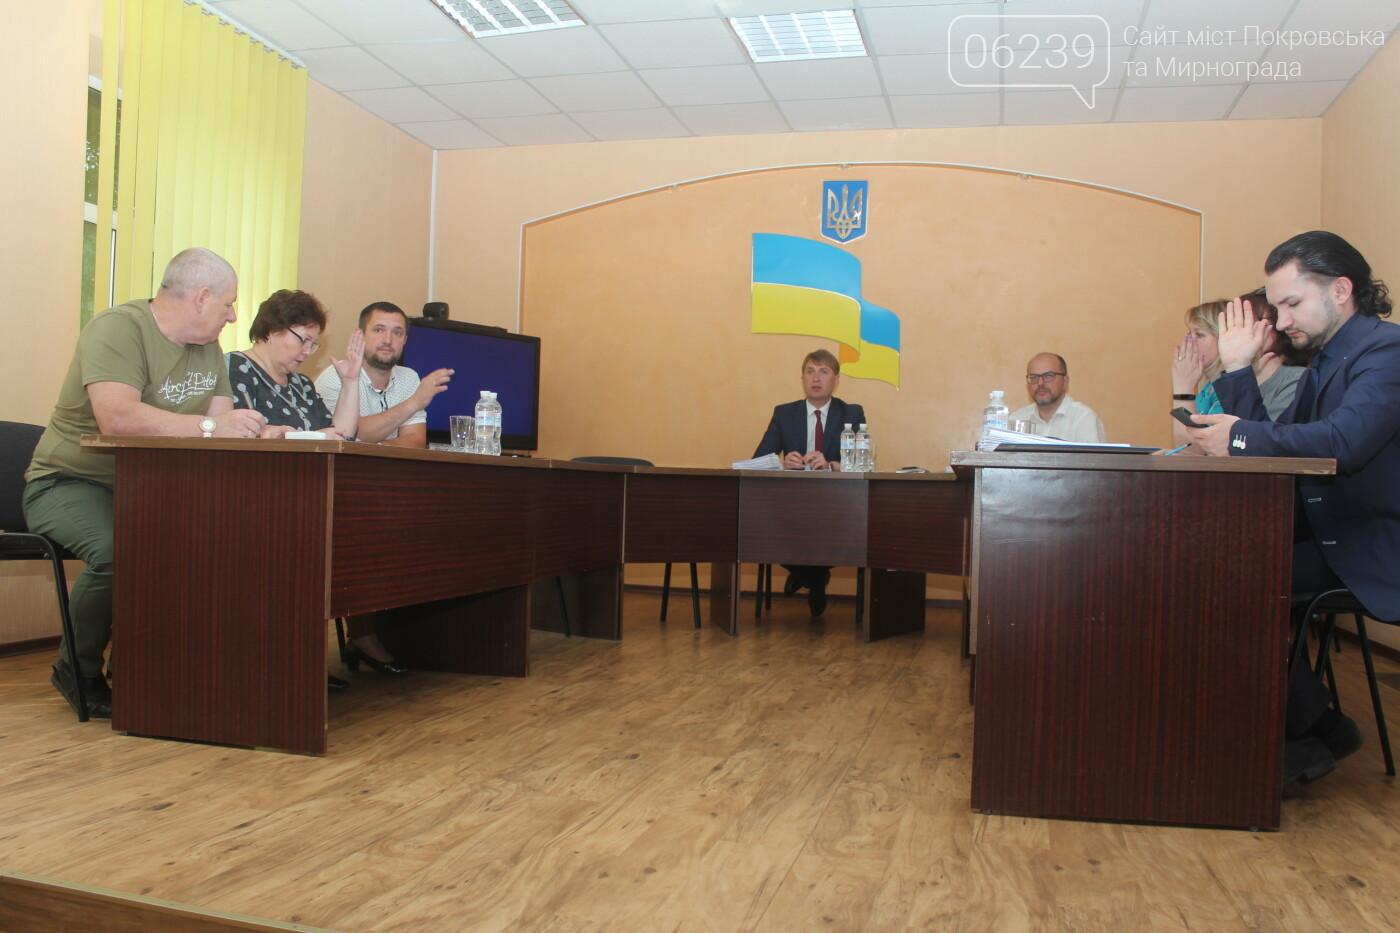 Туристический сбор и ликвидация шахты: в Мирнограде состоялась 60-я сессия горсовета, фото-3